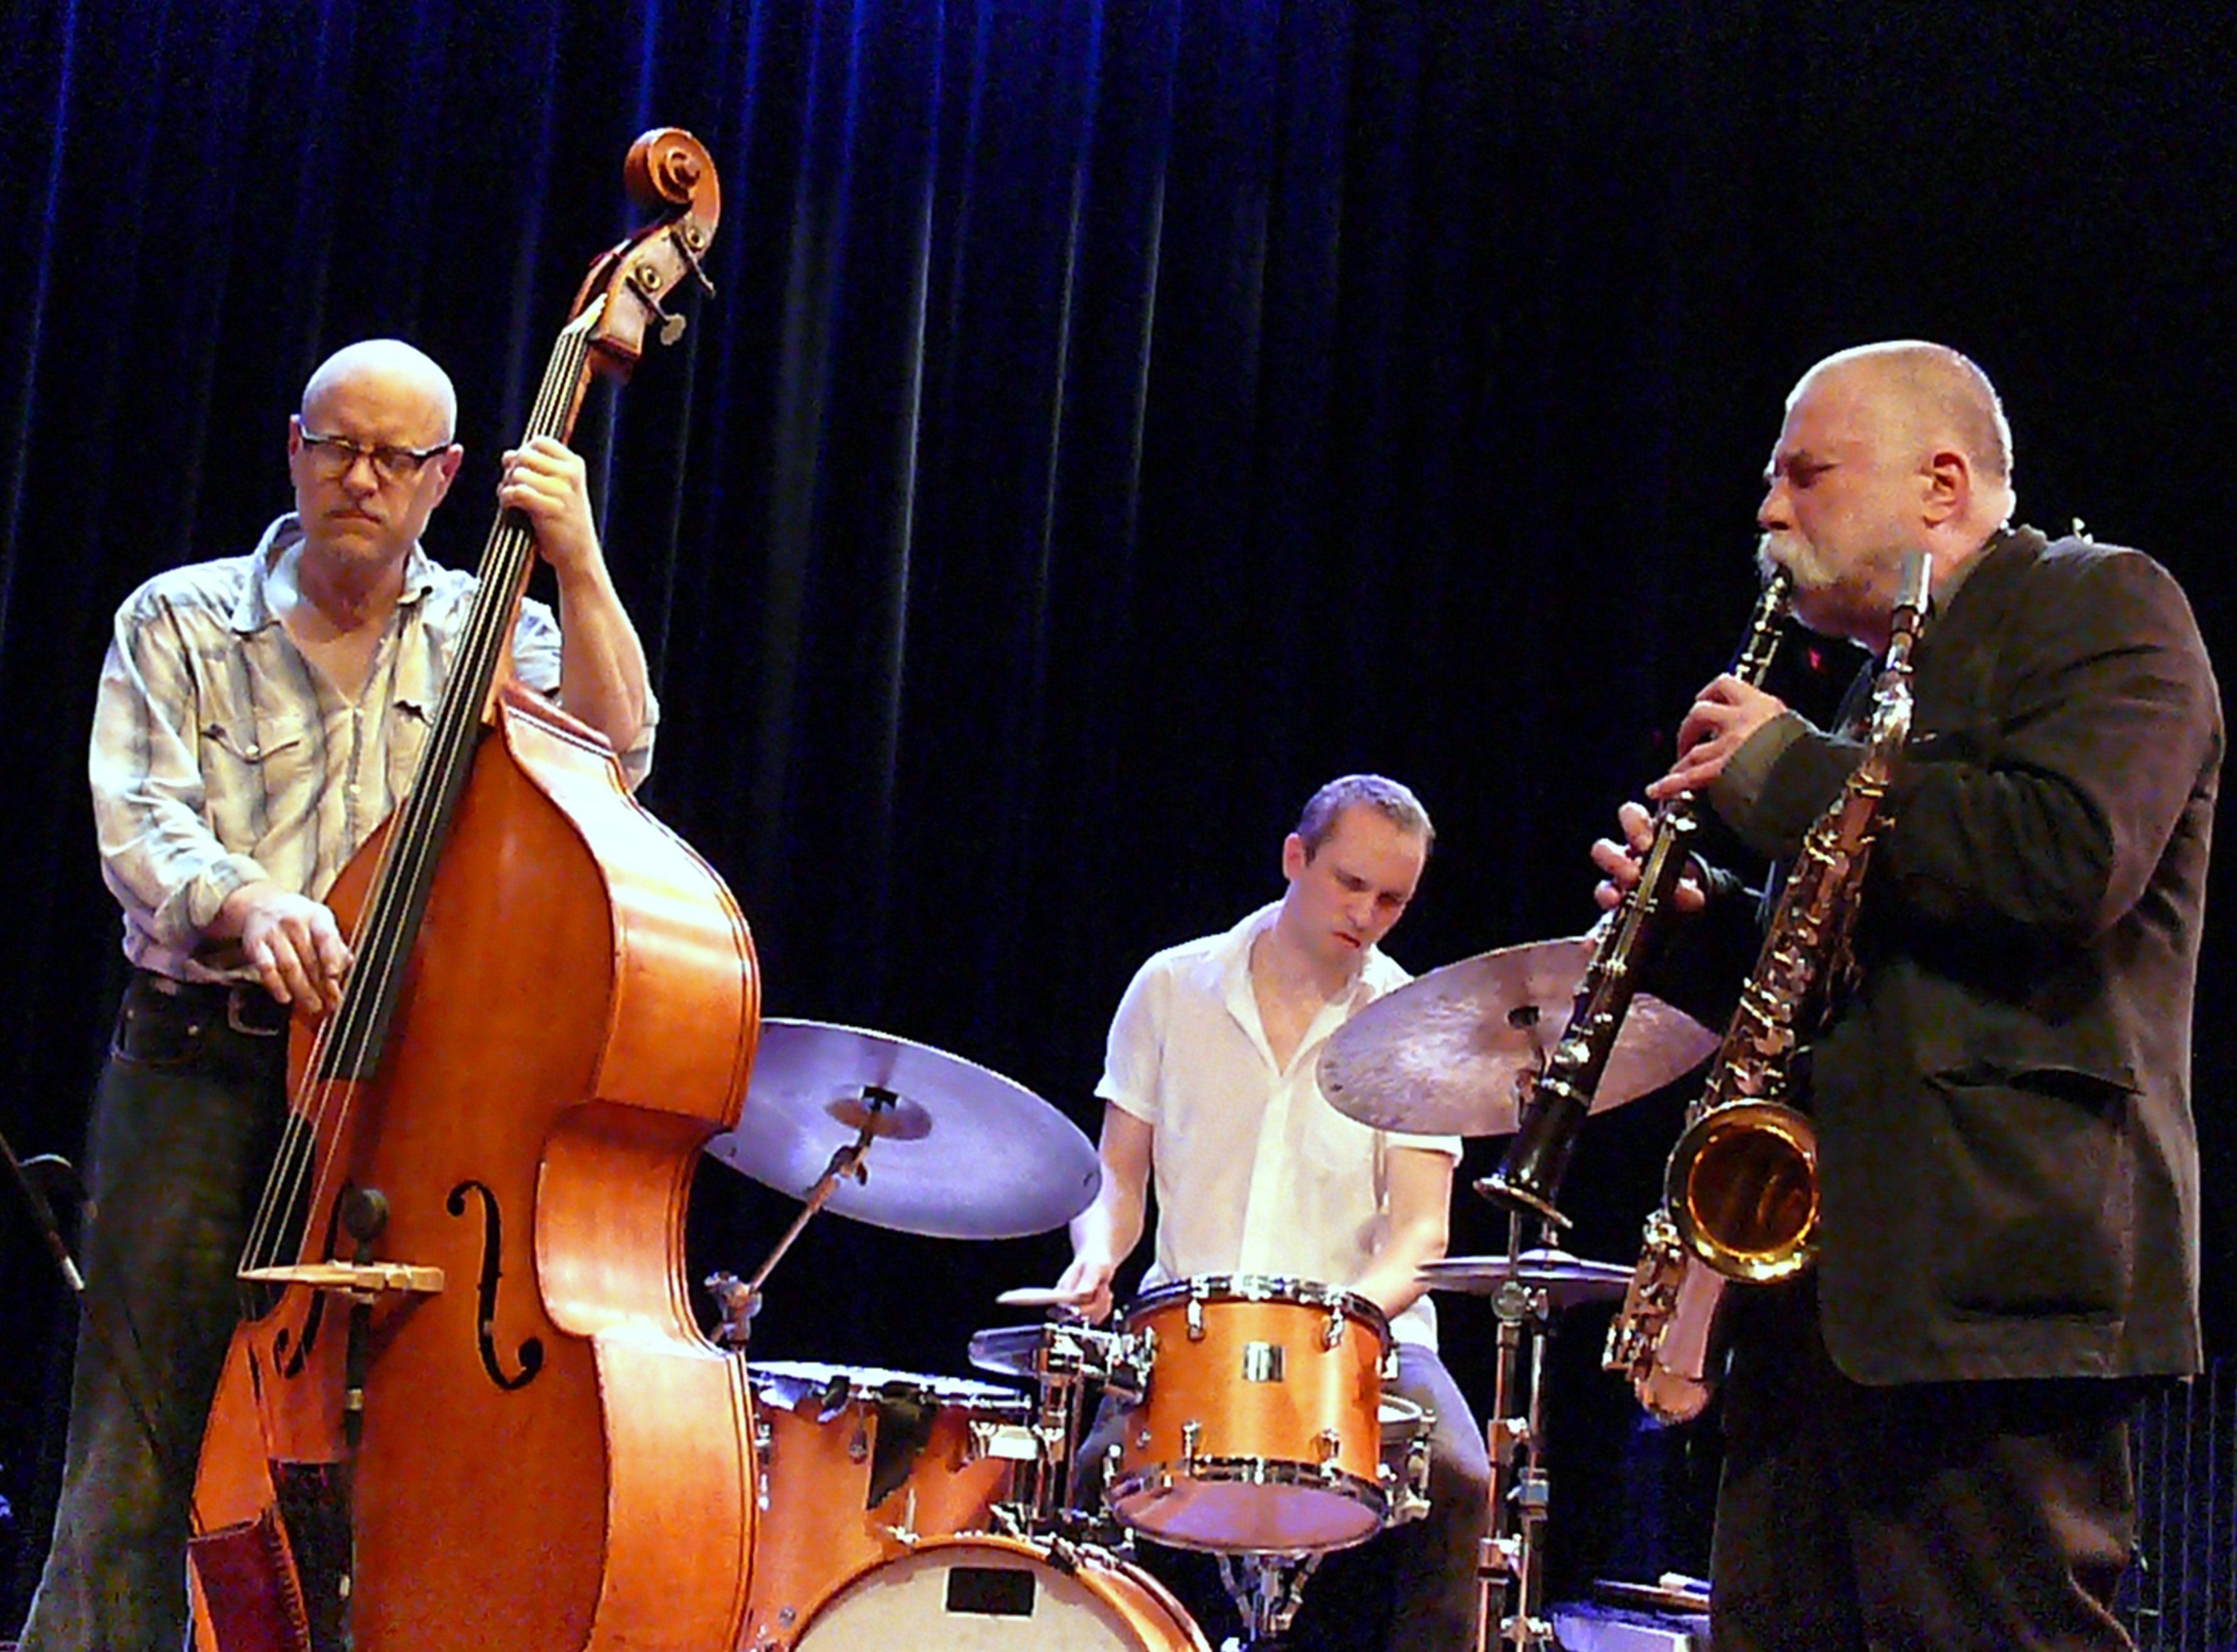 Kessler, Nilssen-Love, Brotzmann at the Bimhuis in Amsterdam, 13 February 2009